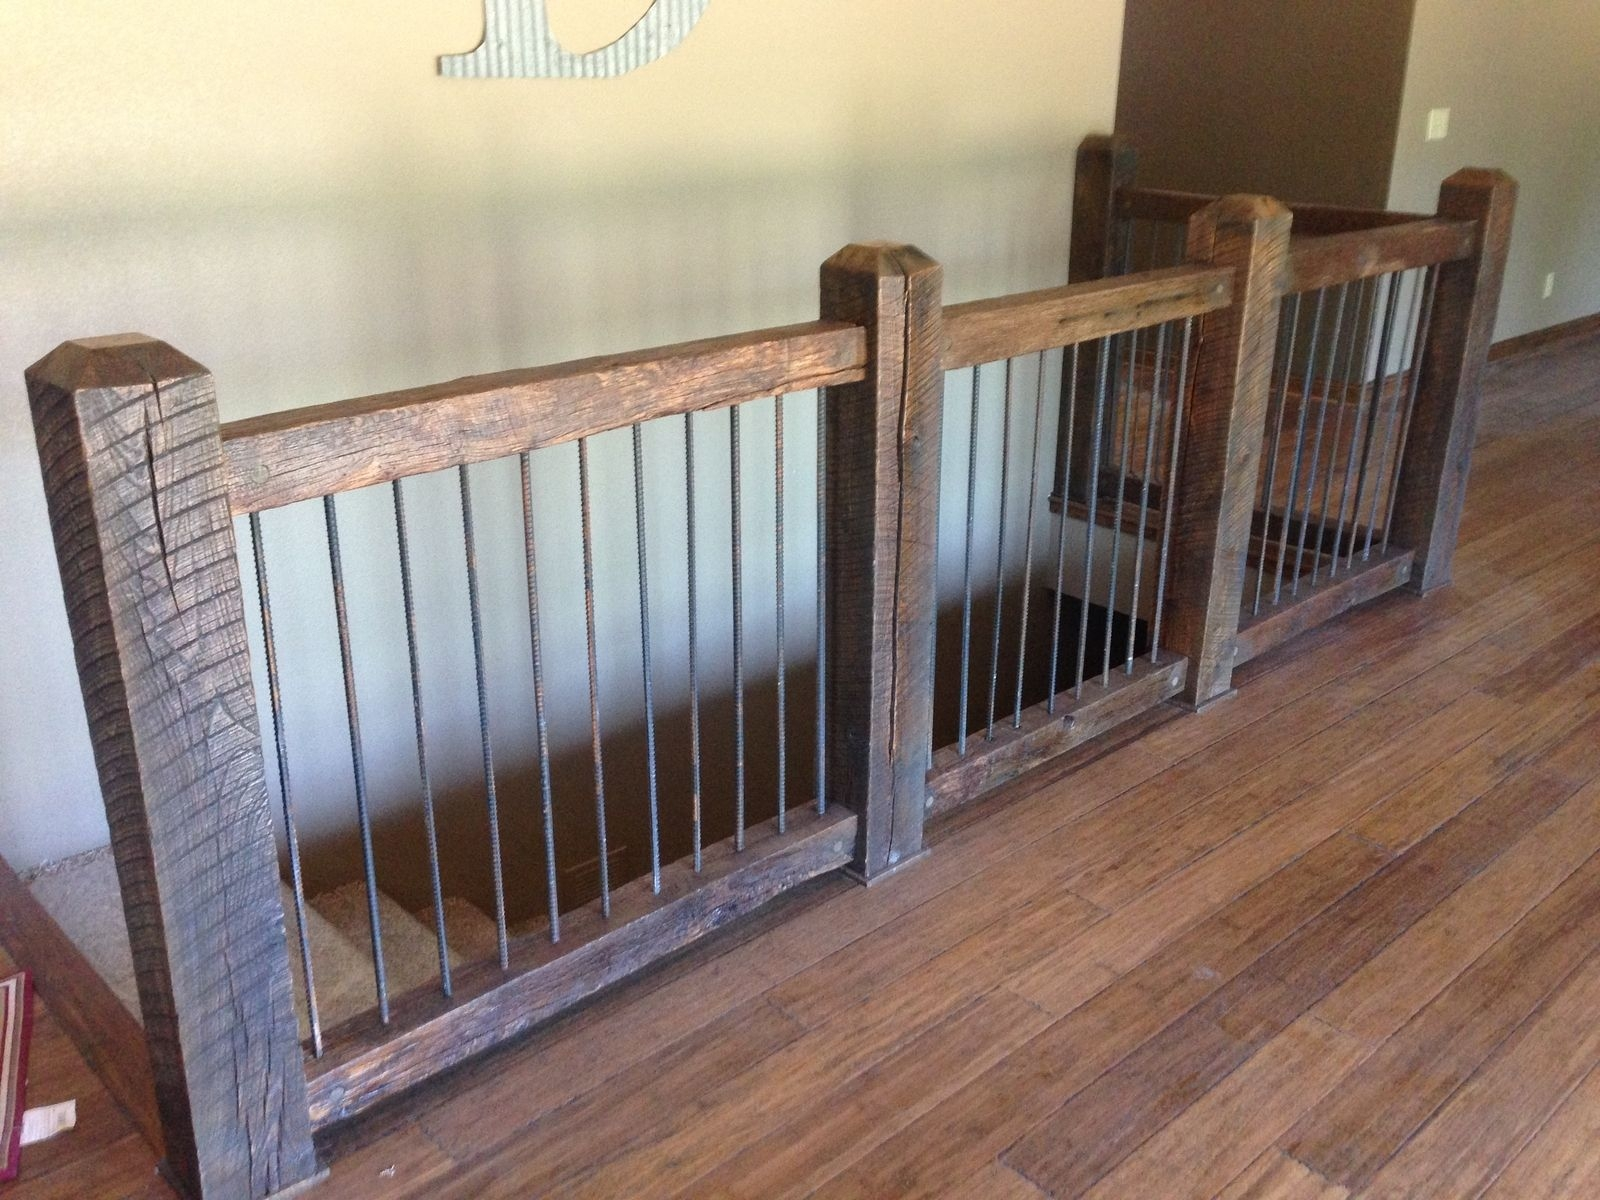 Custom Reclaimed Stair Railings By Stone Creek Cabinetry Llc   Custom Wood Stair Railing   Natural Wood   Barn Beam   Metal Spindle   Attic Stair   Rail